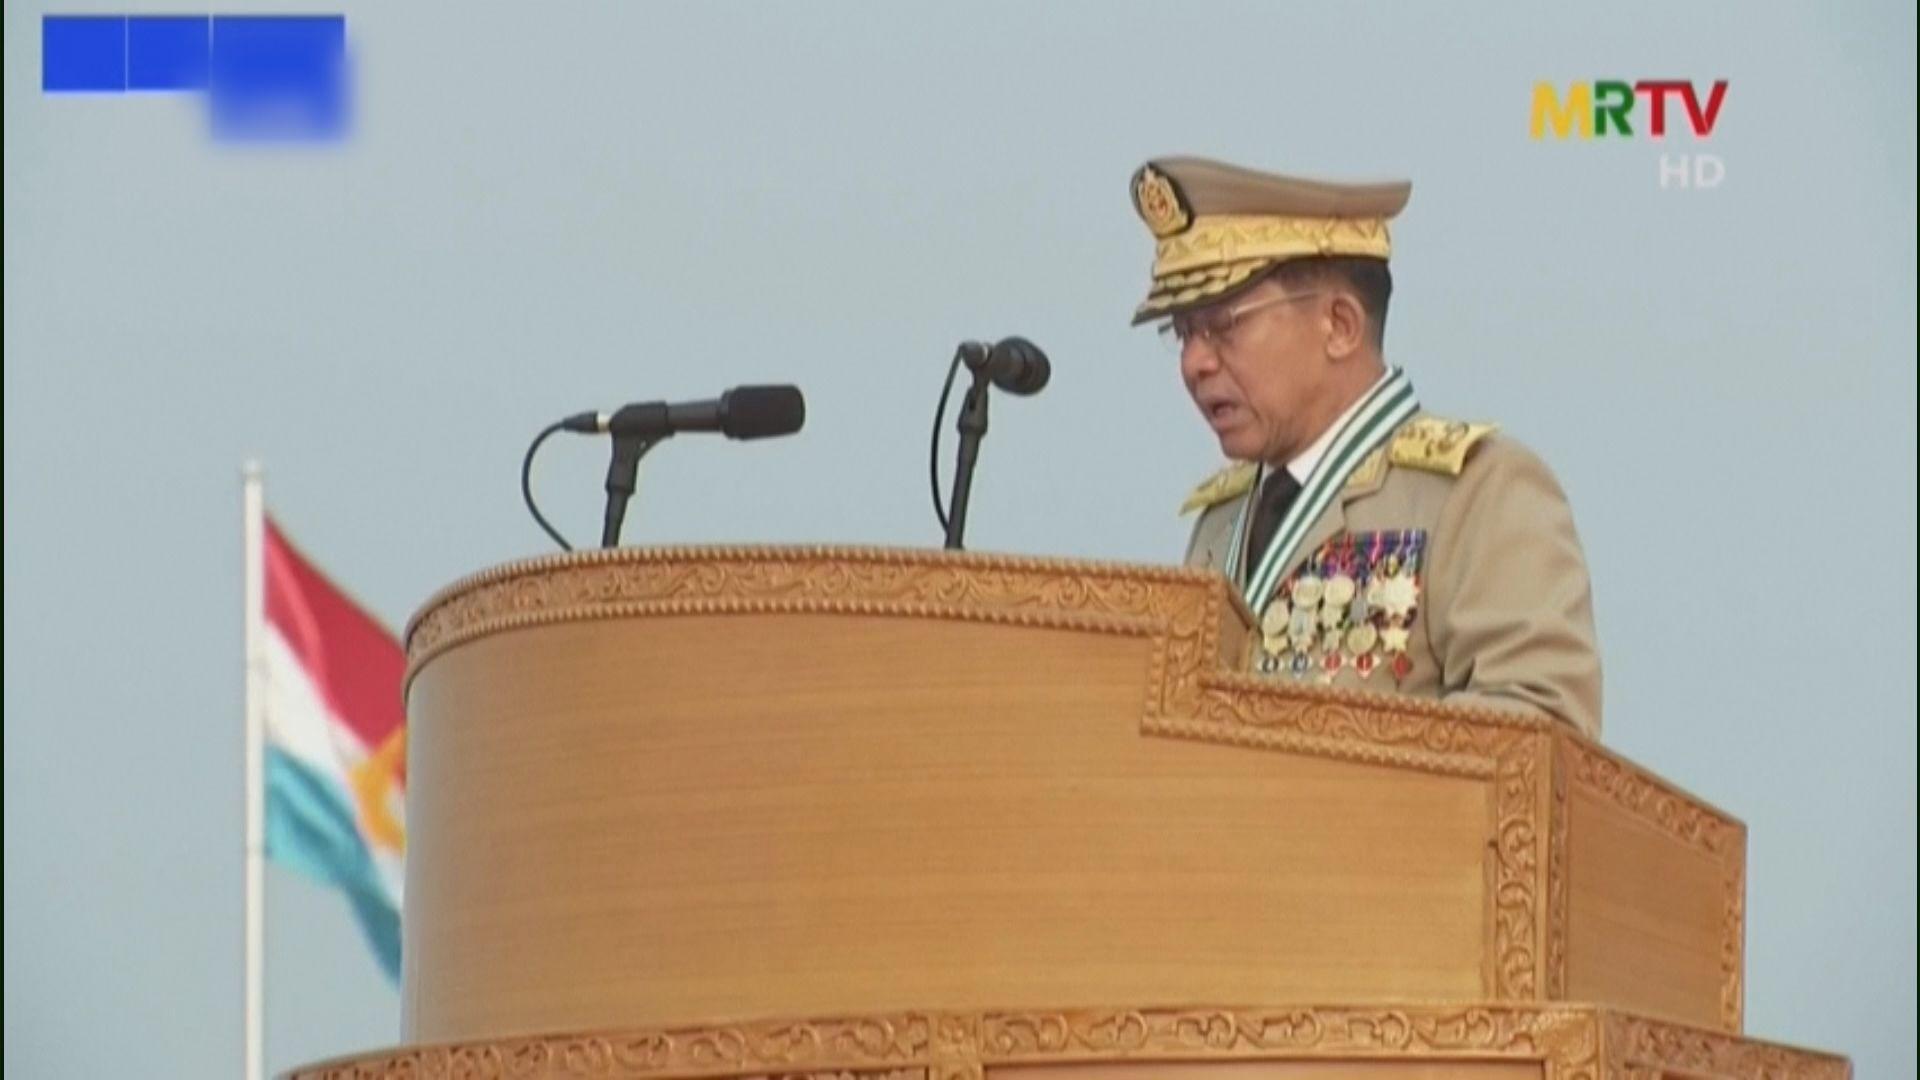 緬甸軍方斥暴力行為不恰當危害國家穩定